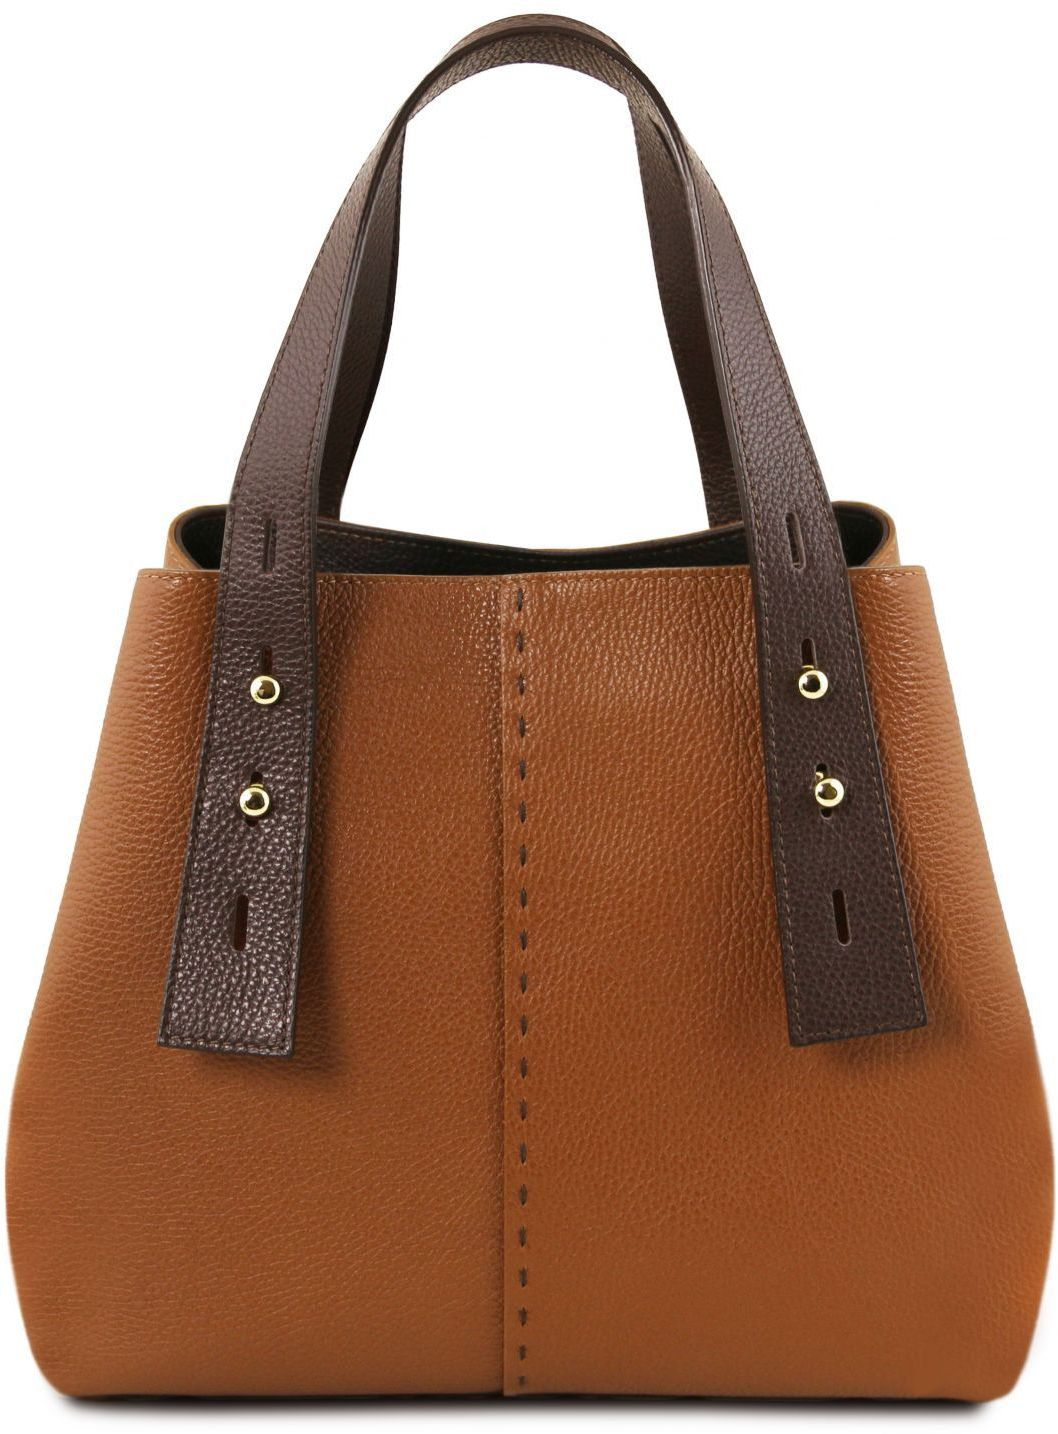 Γυναικεία Τσάντα Δερμάτινη TL Bag TL141730 Κονιάκ Tuscany Leather γυναίκα   τσάντες ώμου   χειρός